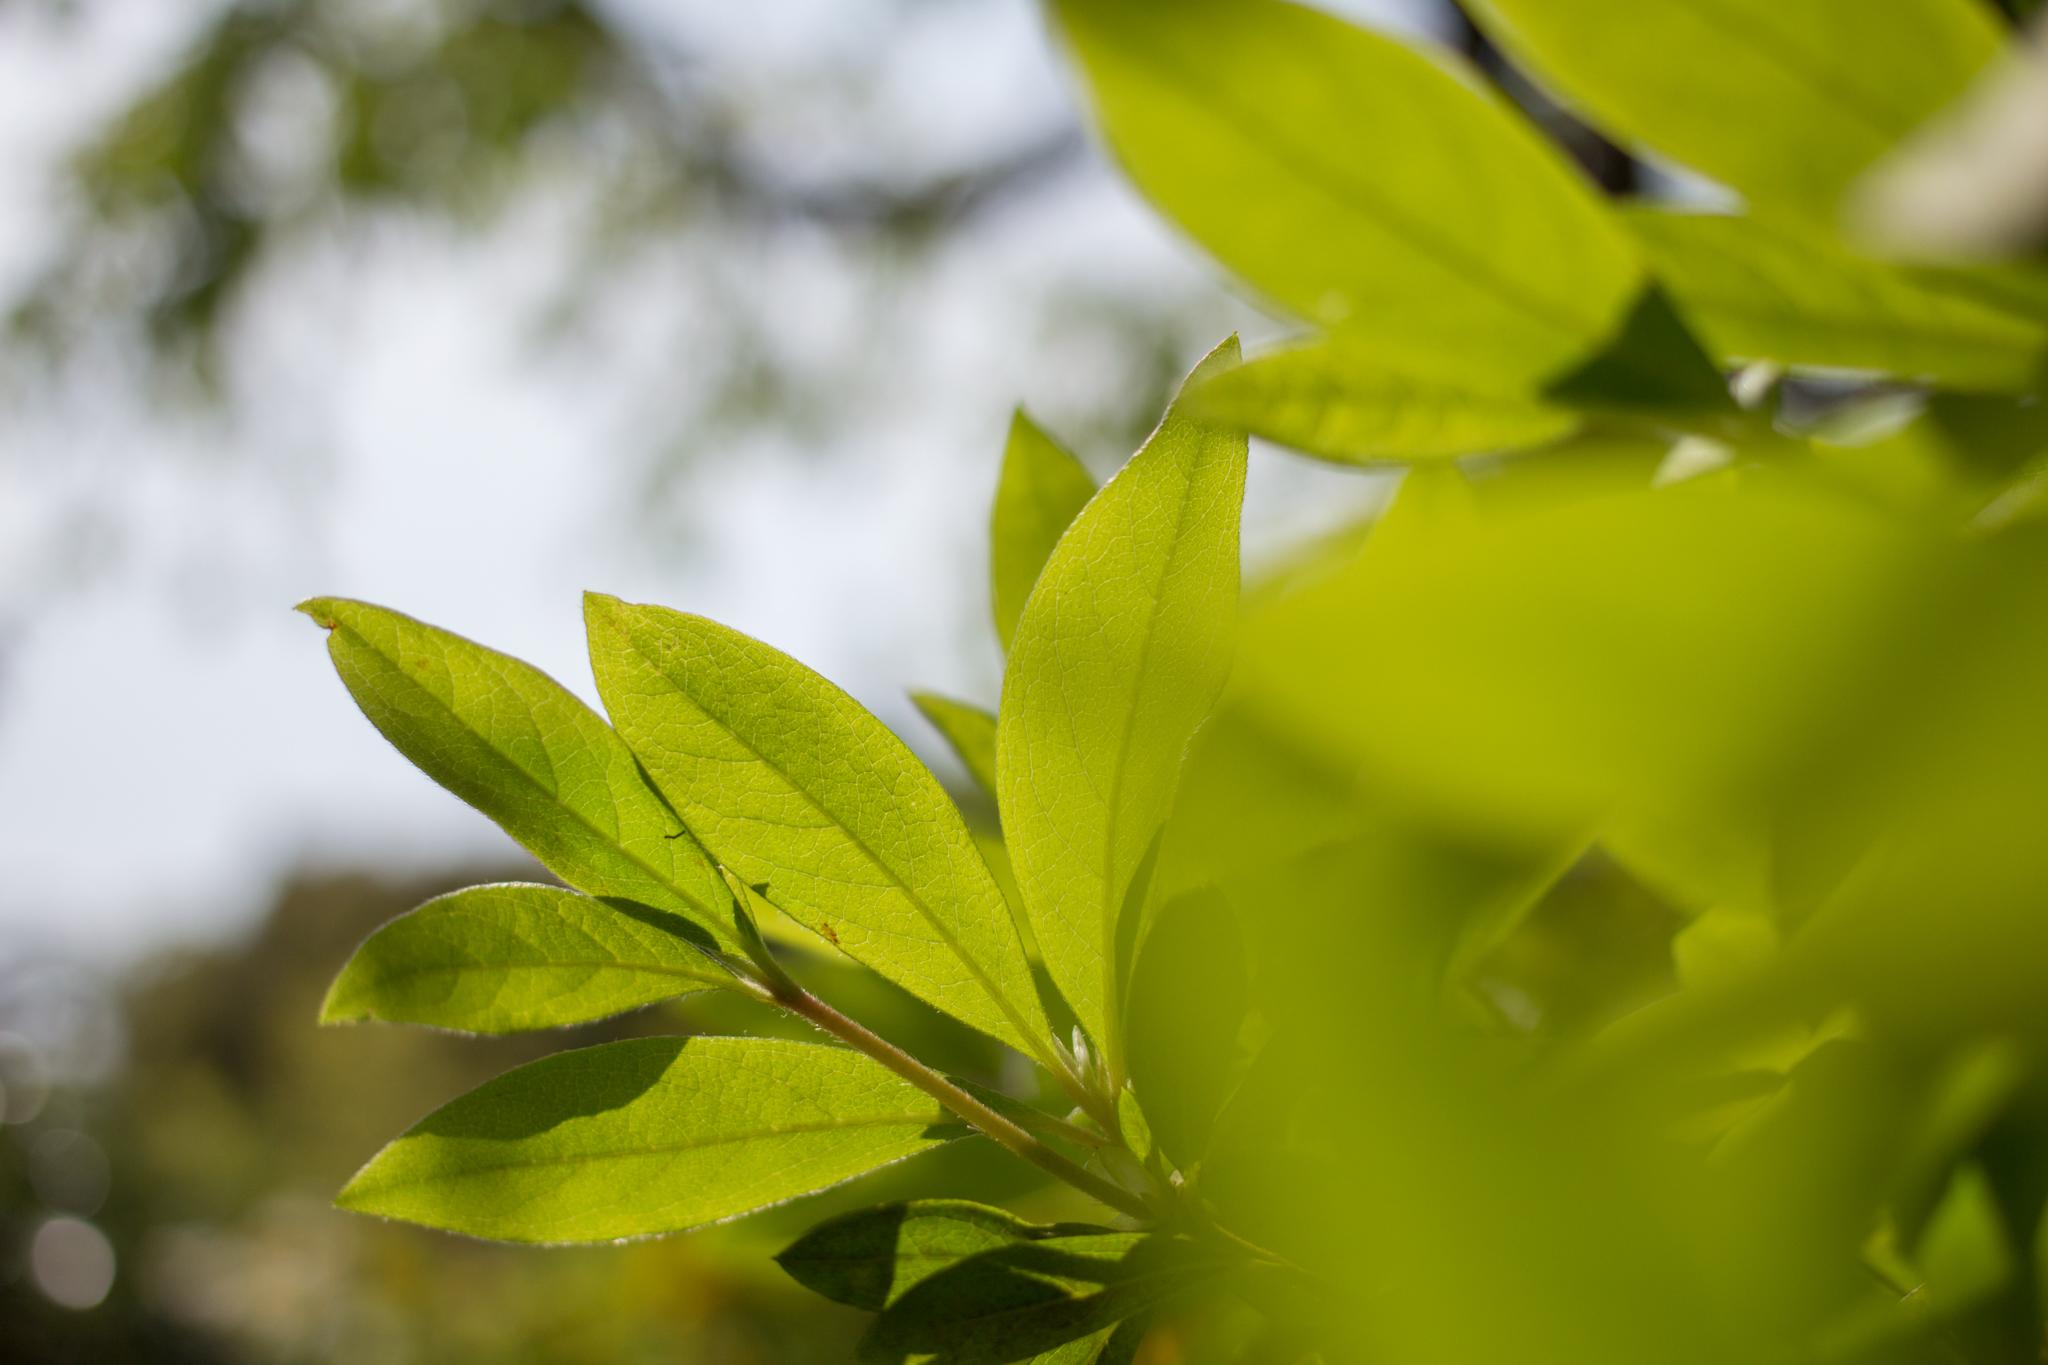 星野リゾート 界 伊東 庭園 新緑の葉